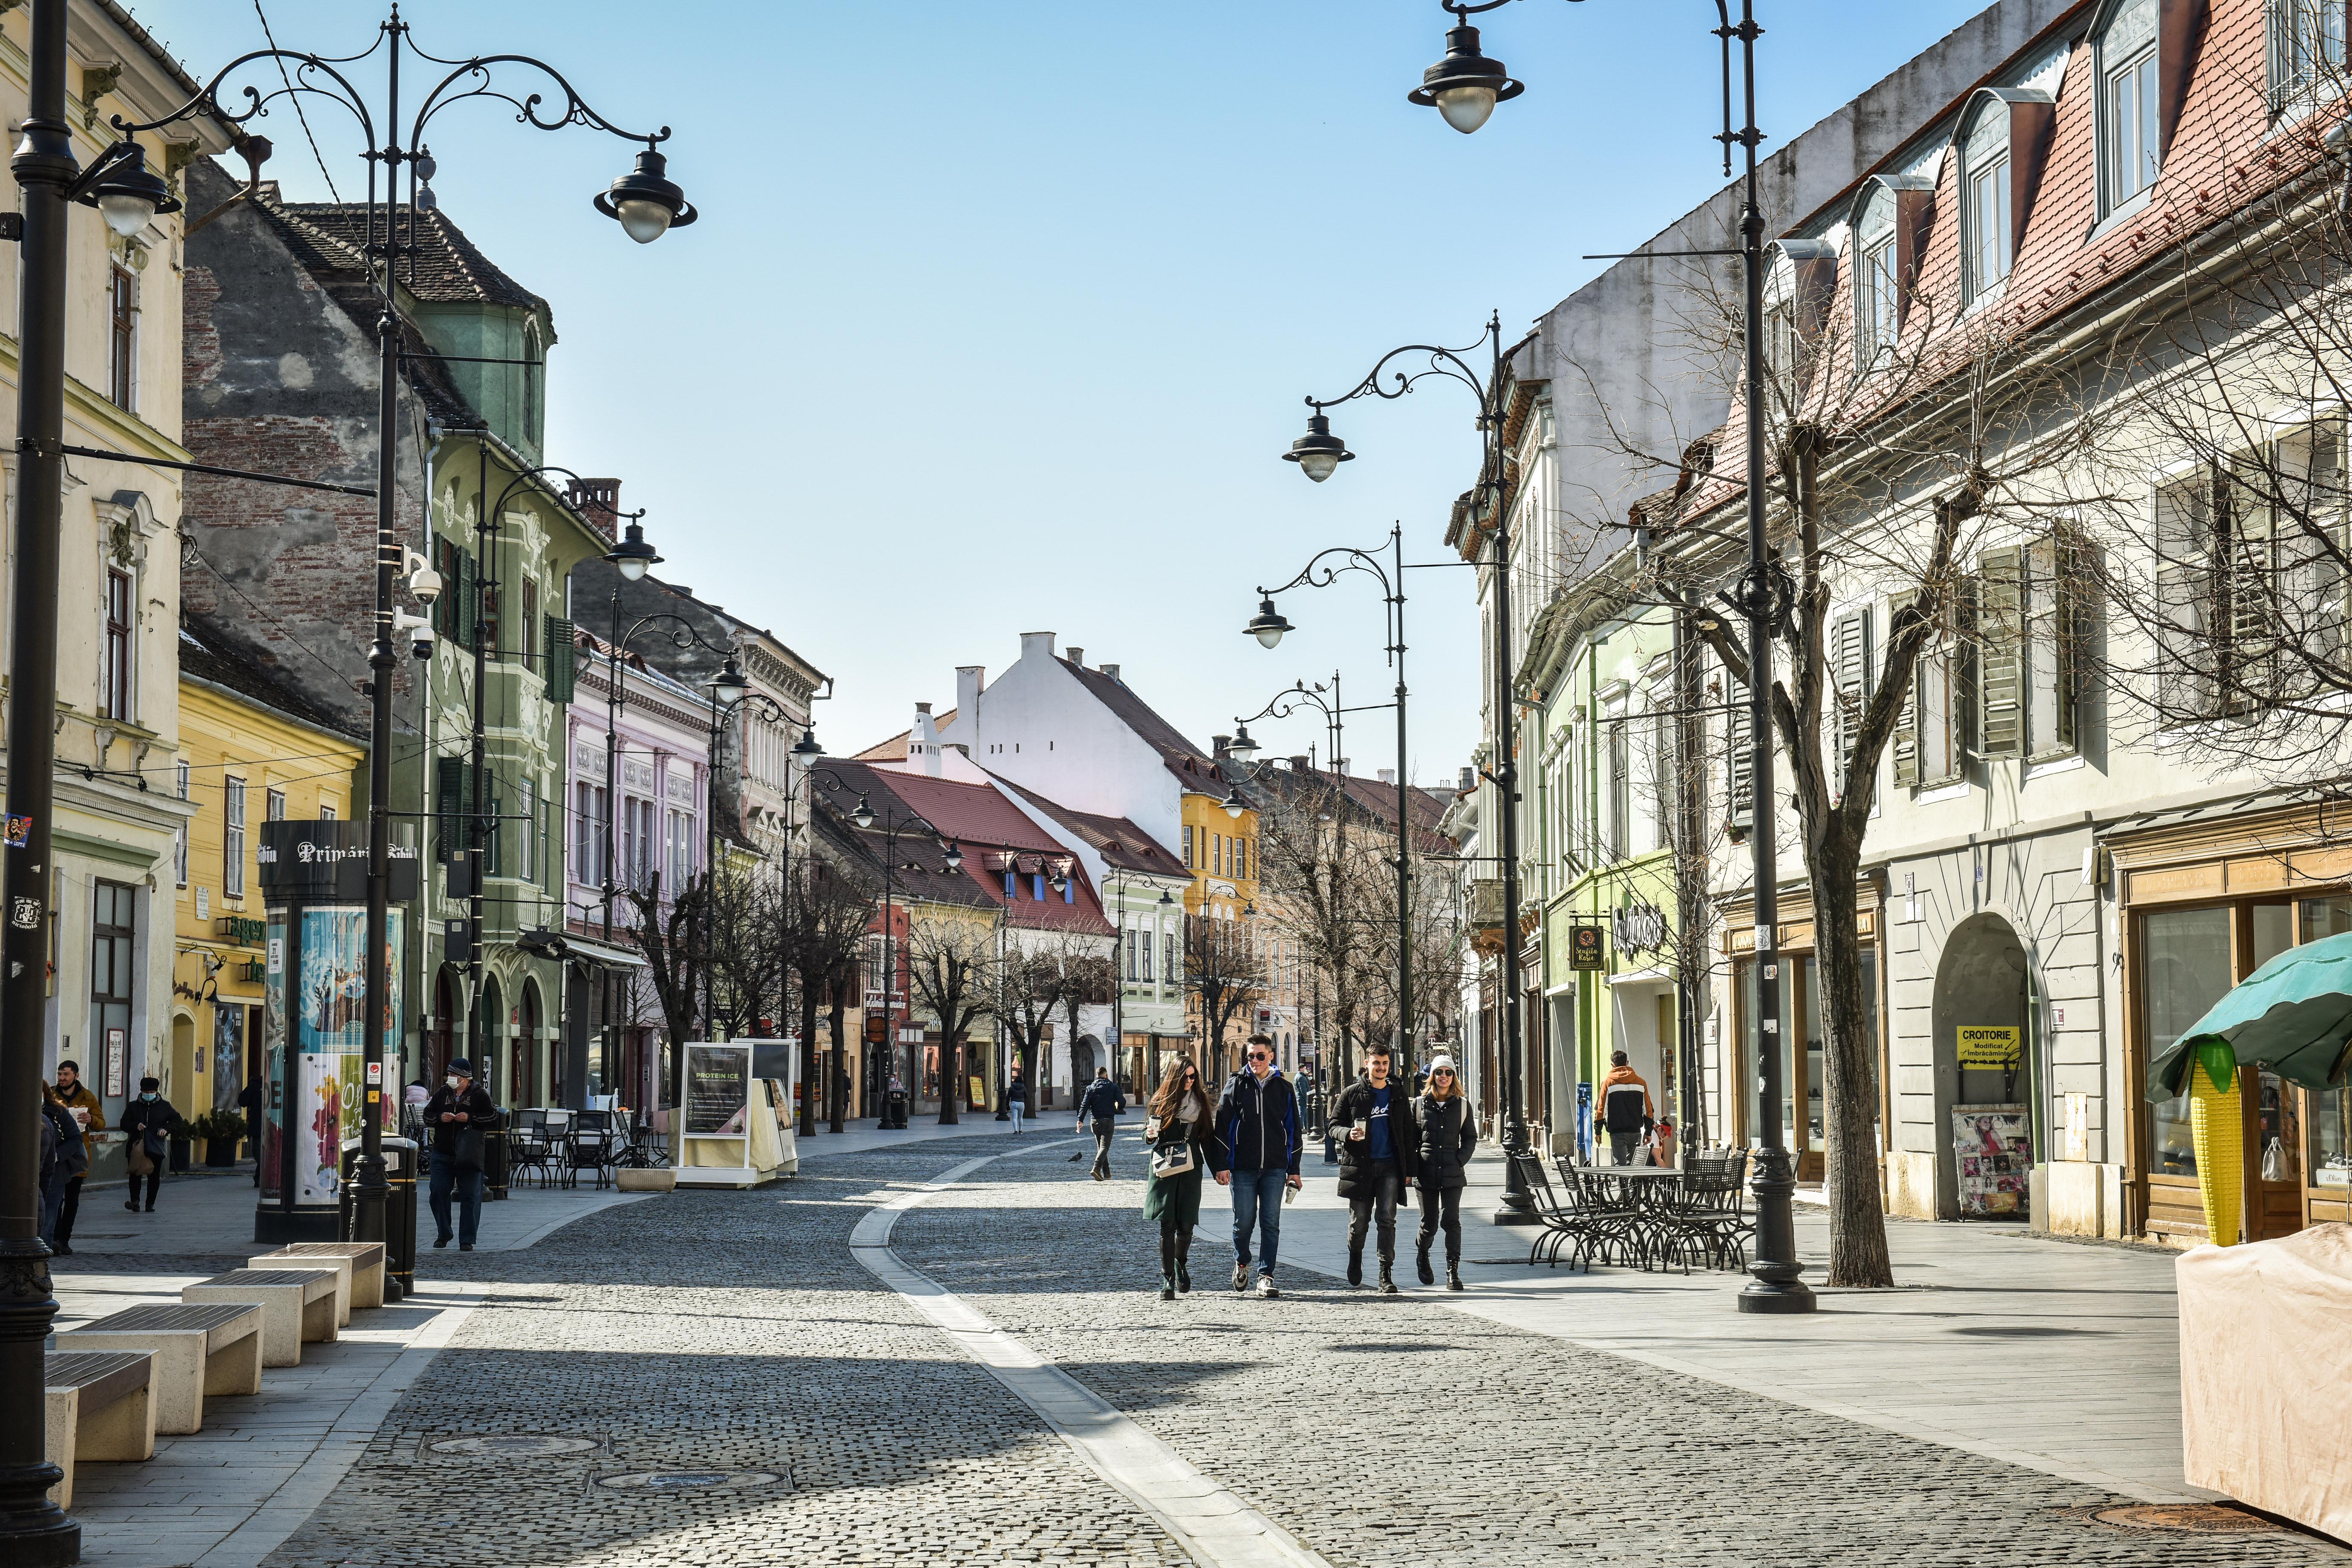 4,81 - incidența crește din nou în municipiul Sibiu, cu 820 de cazuri active. Situația în localitățile județului